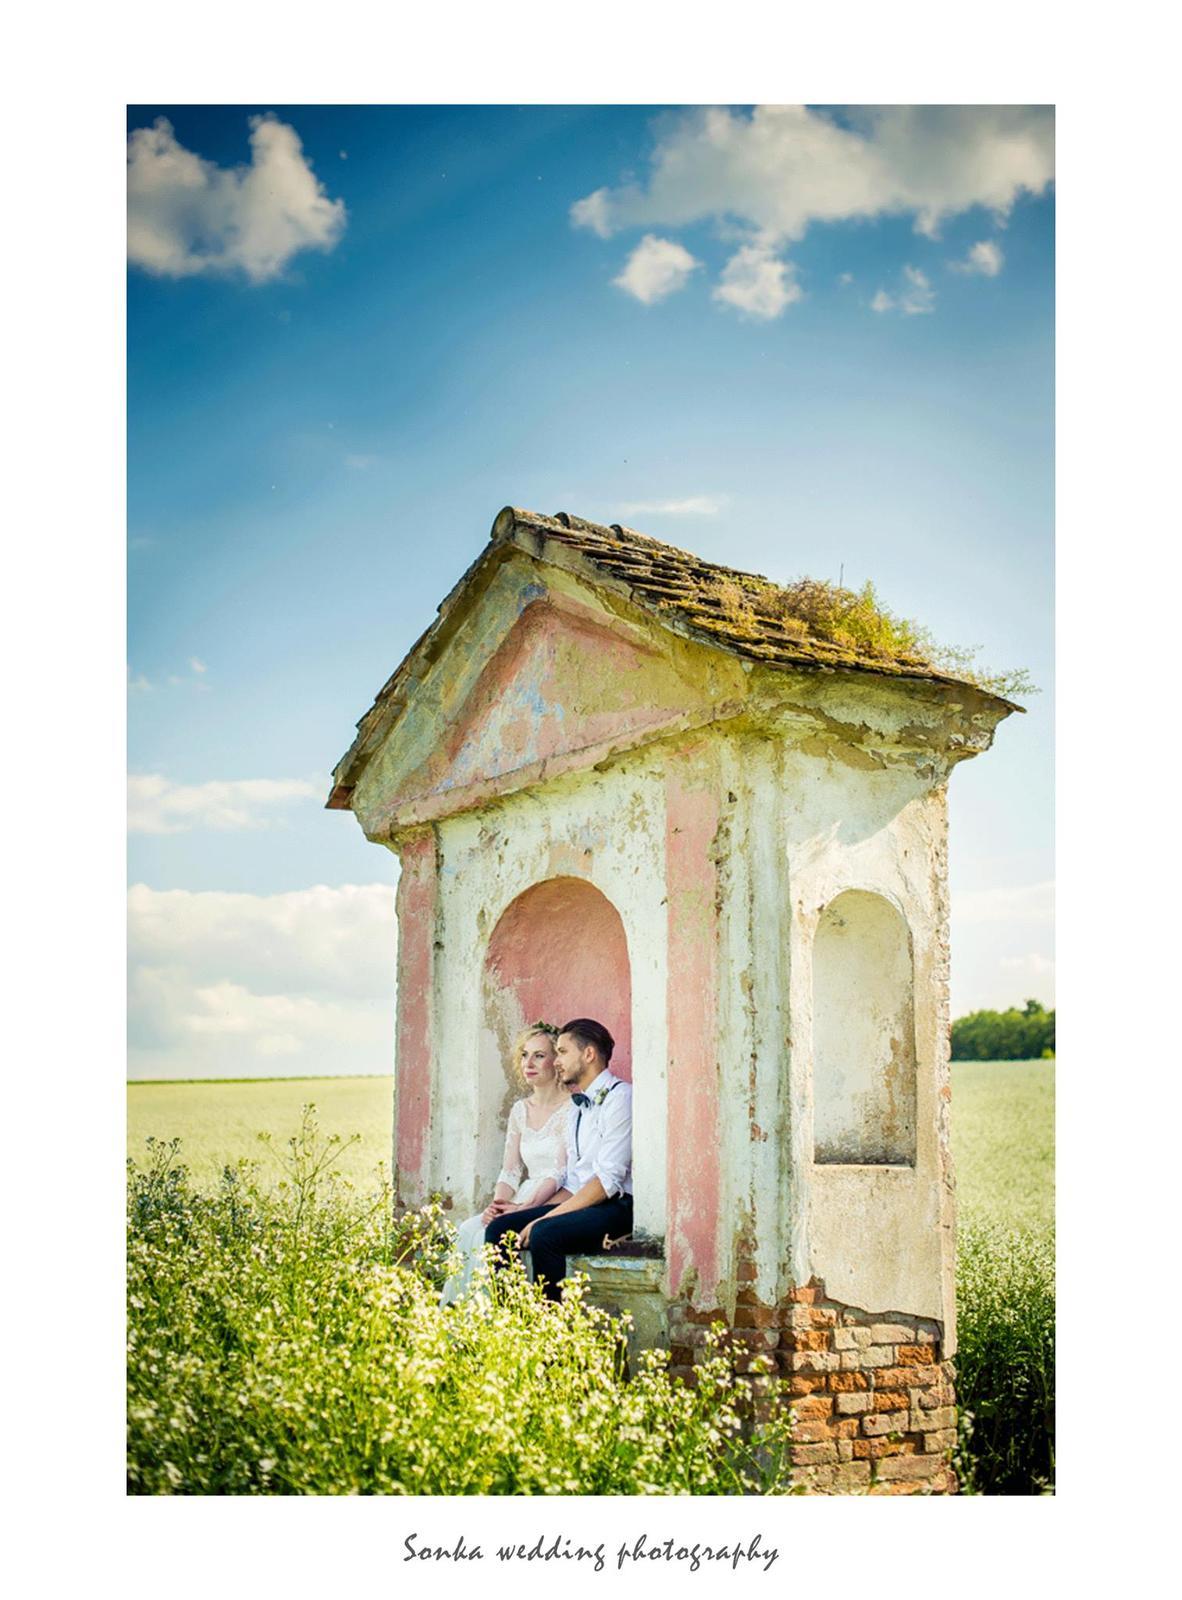 Wedding photography - Obrázek č. 11